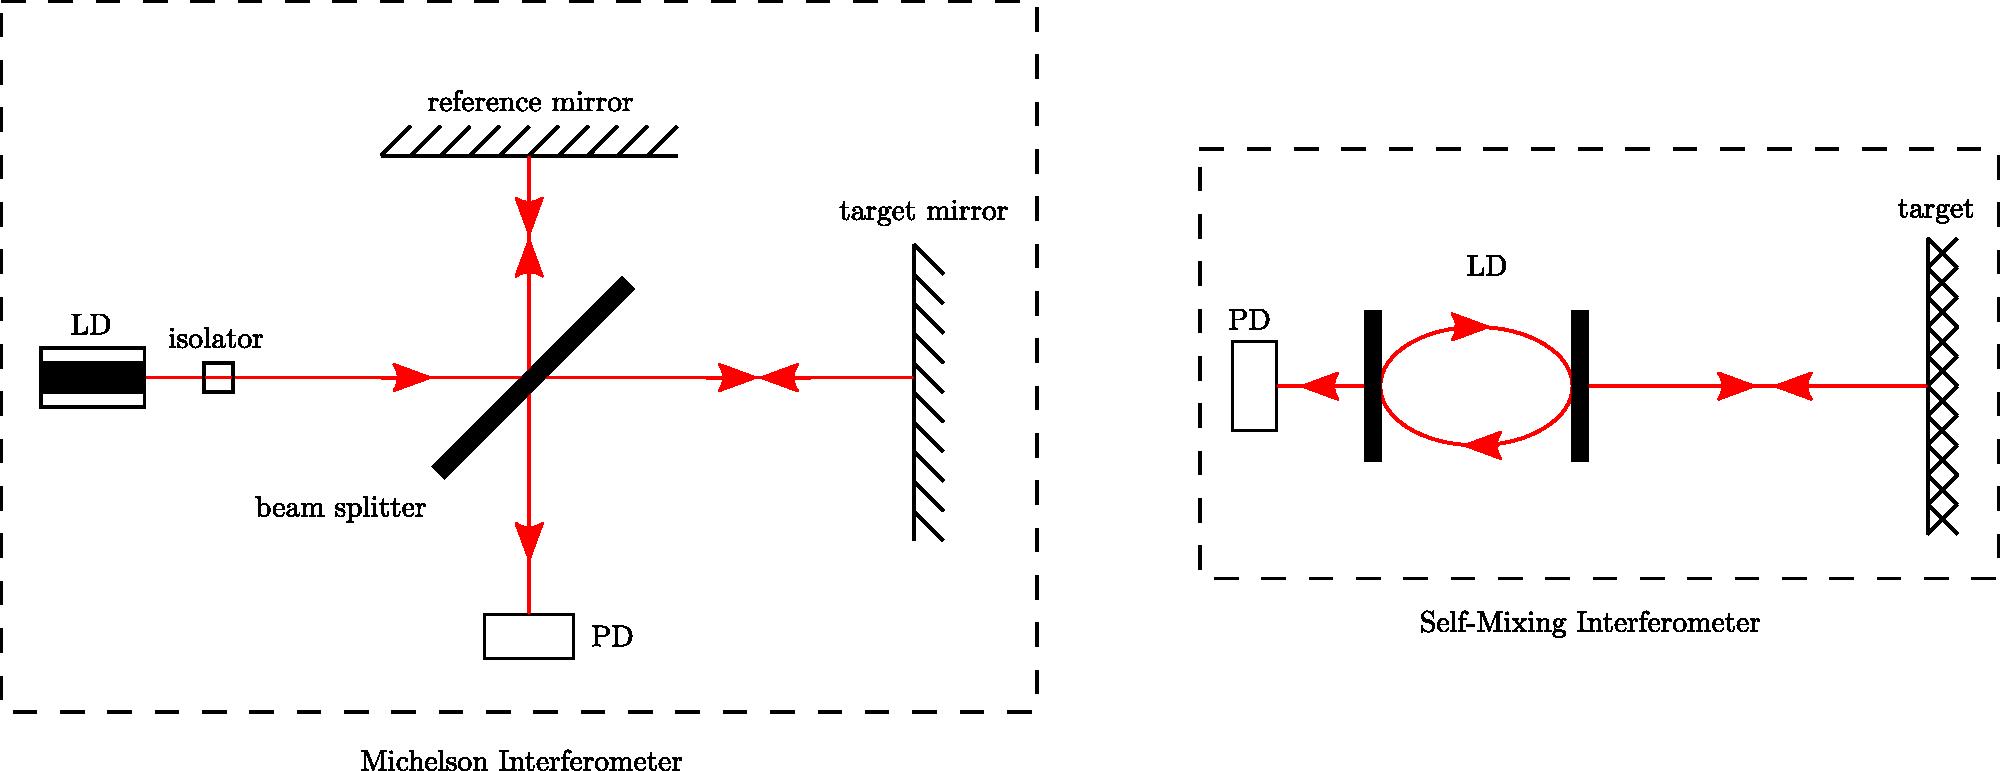 Interference Wikipedia